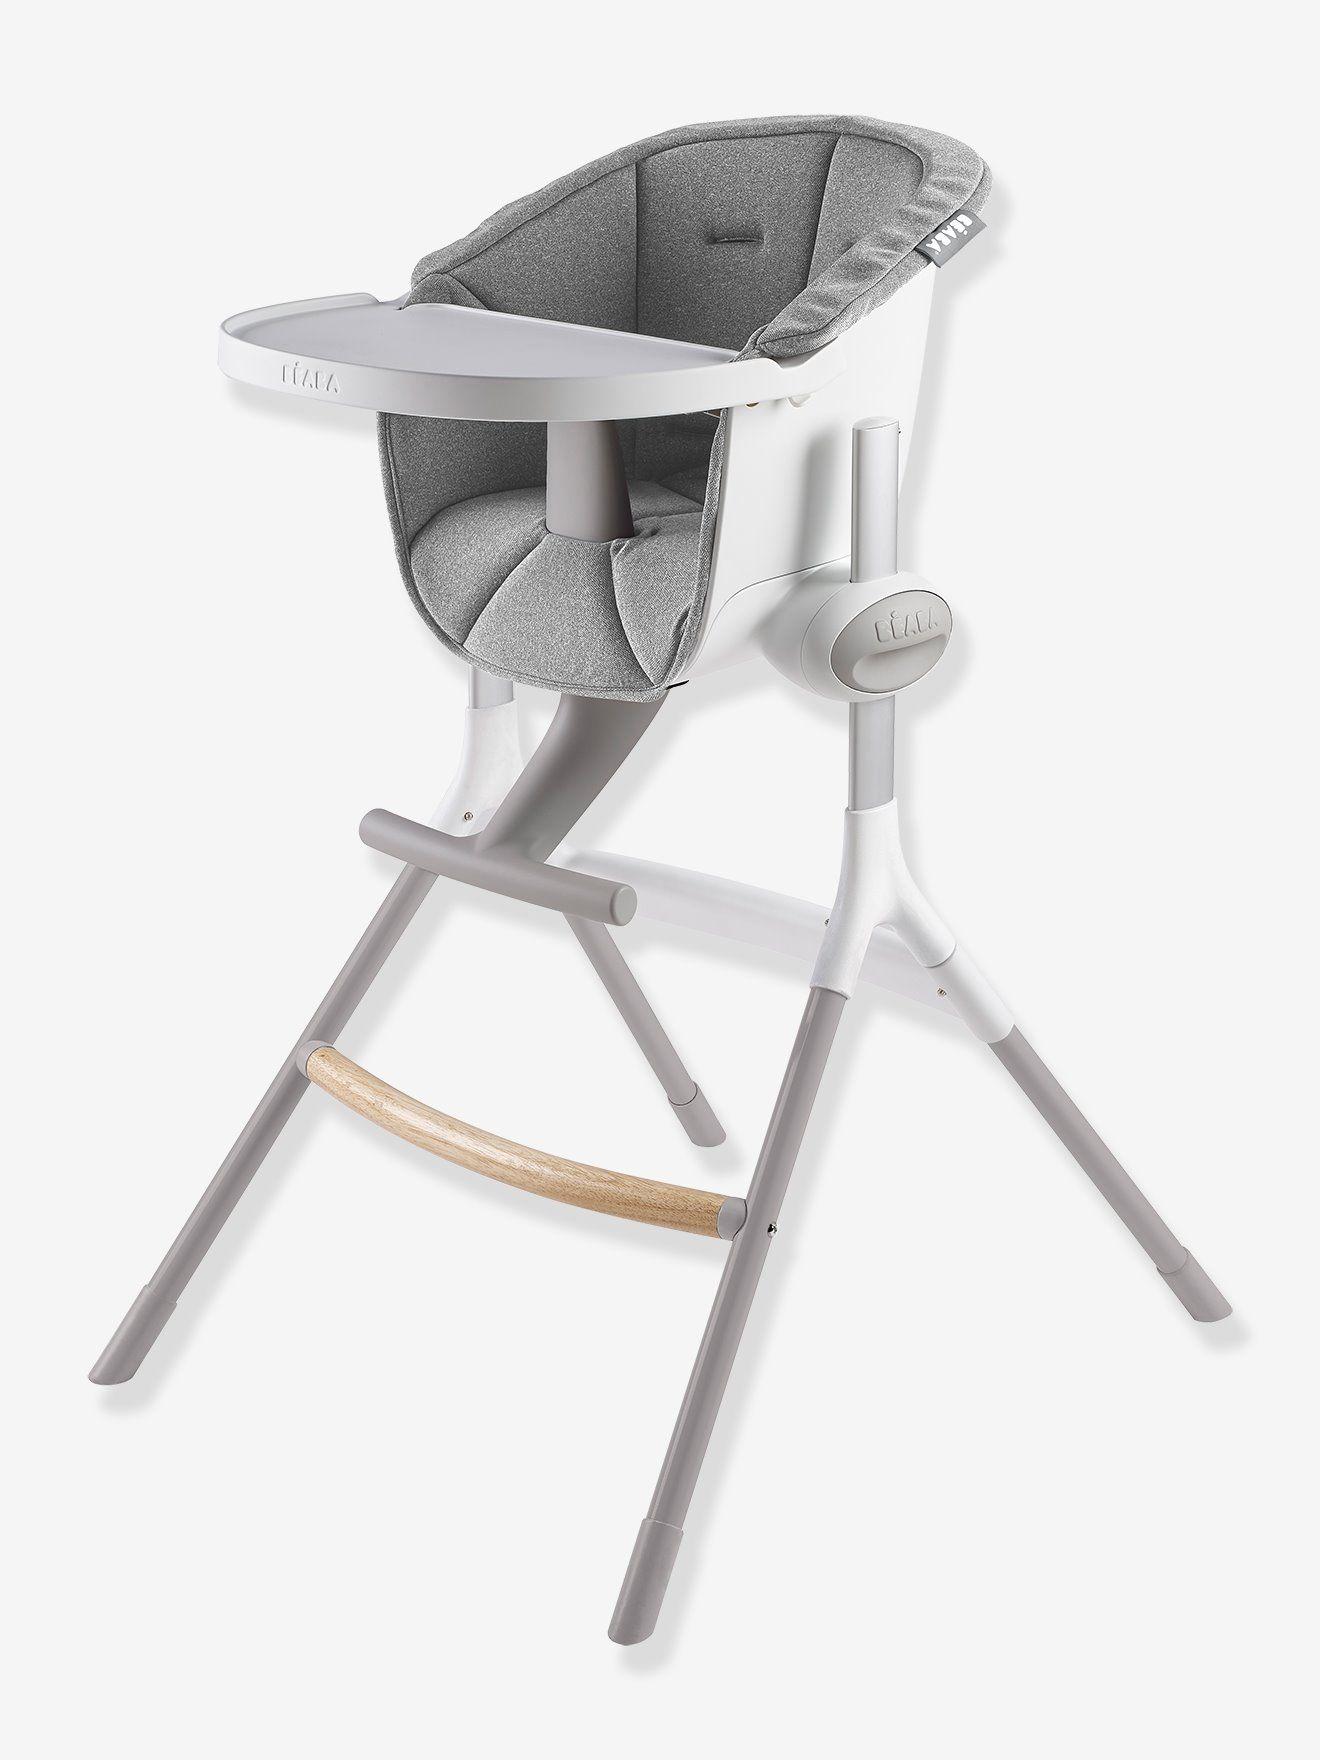 Coussin D Assise Pour Chaise Haute Beaba Up Down Gris Ergonomique Et Hygienique Ce Coussin D Assise S Adap Chaise Haute Chaise Haute Evolutive Meuble Bebe